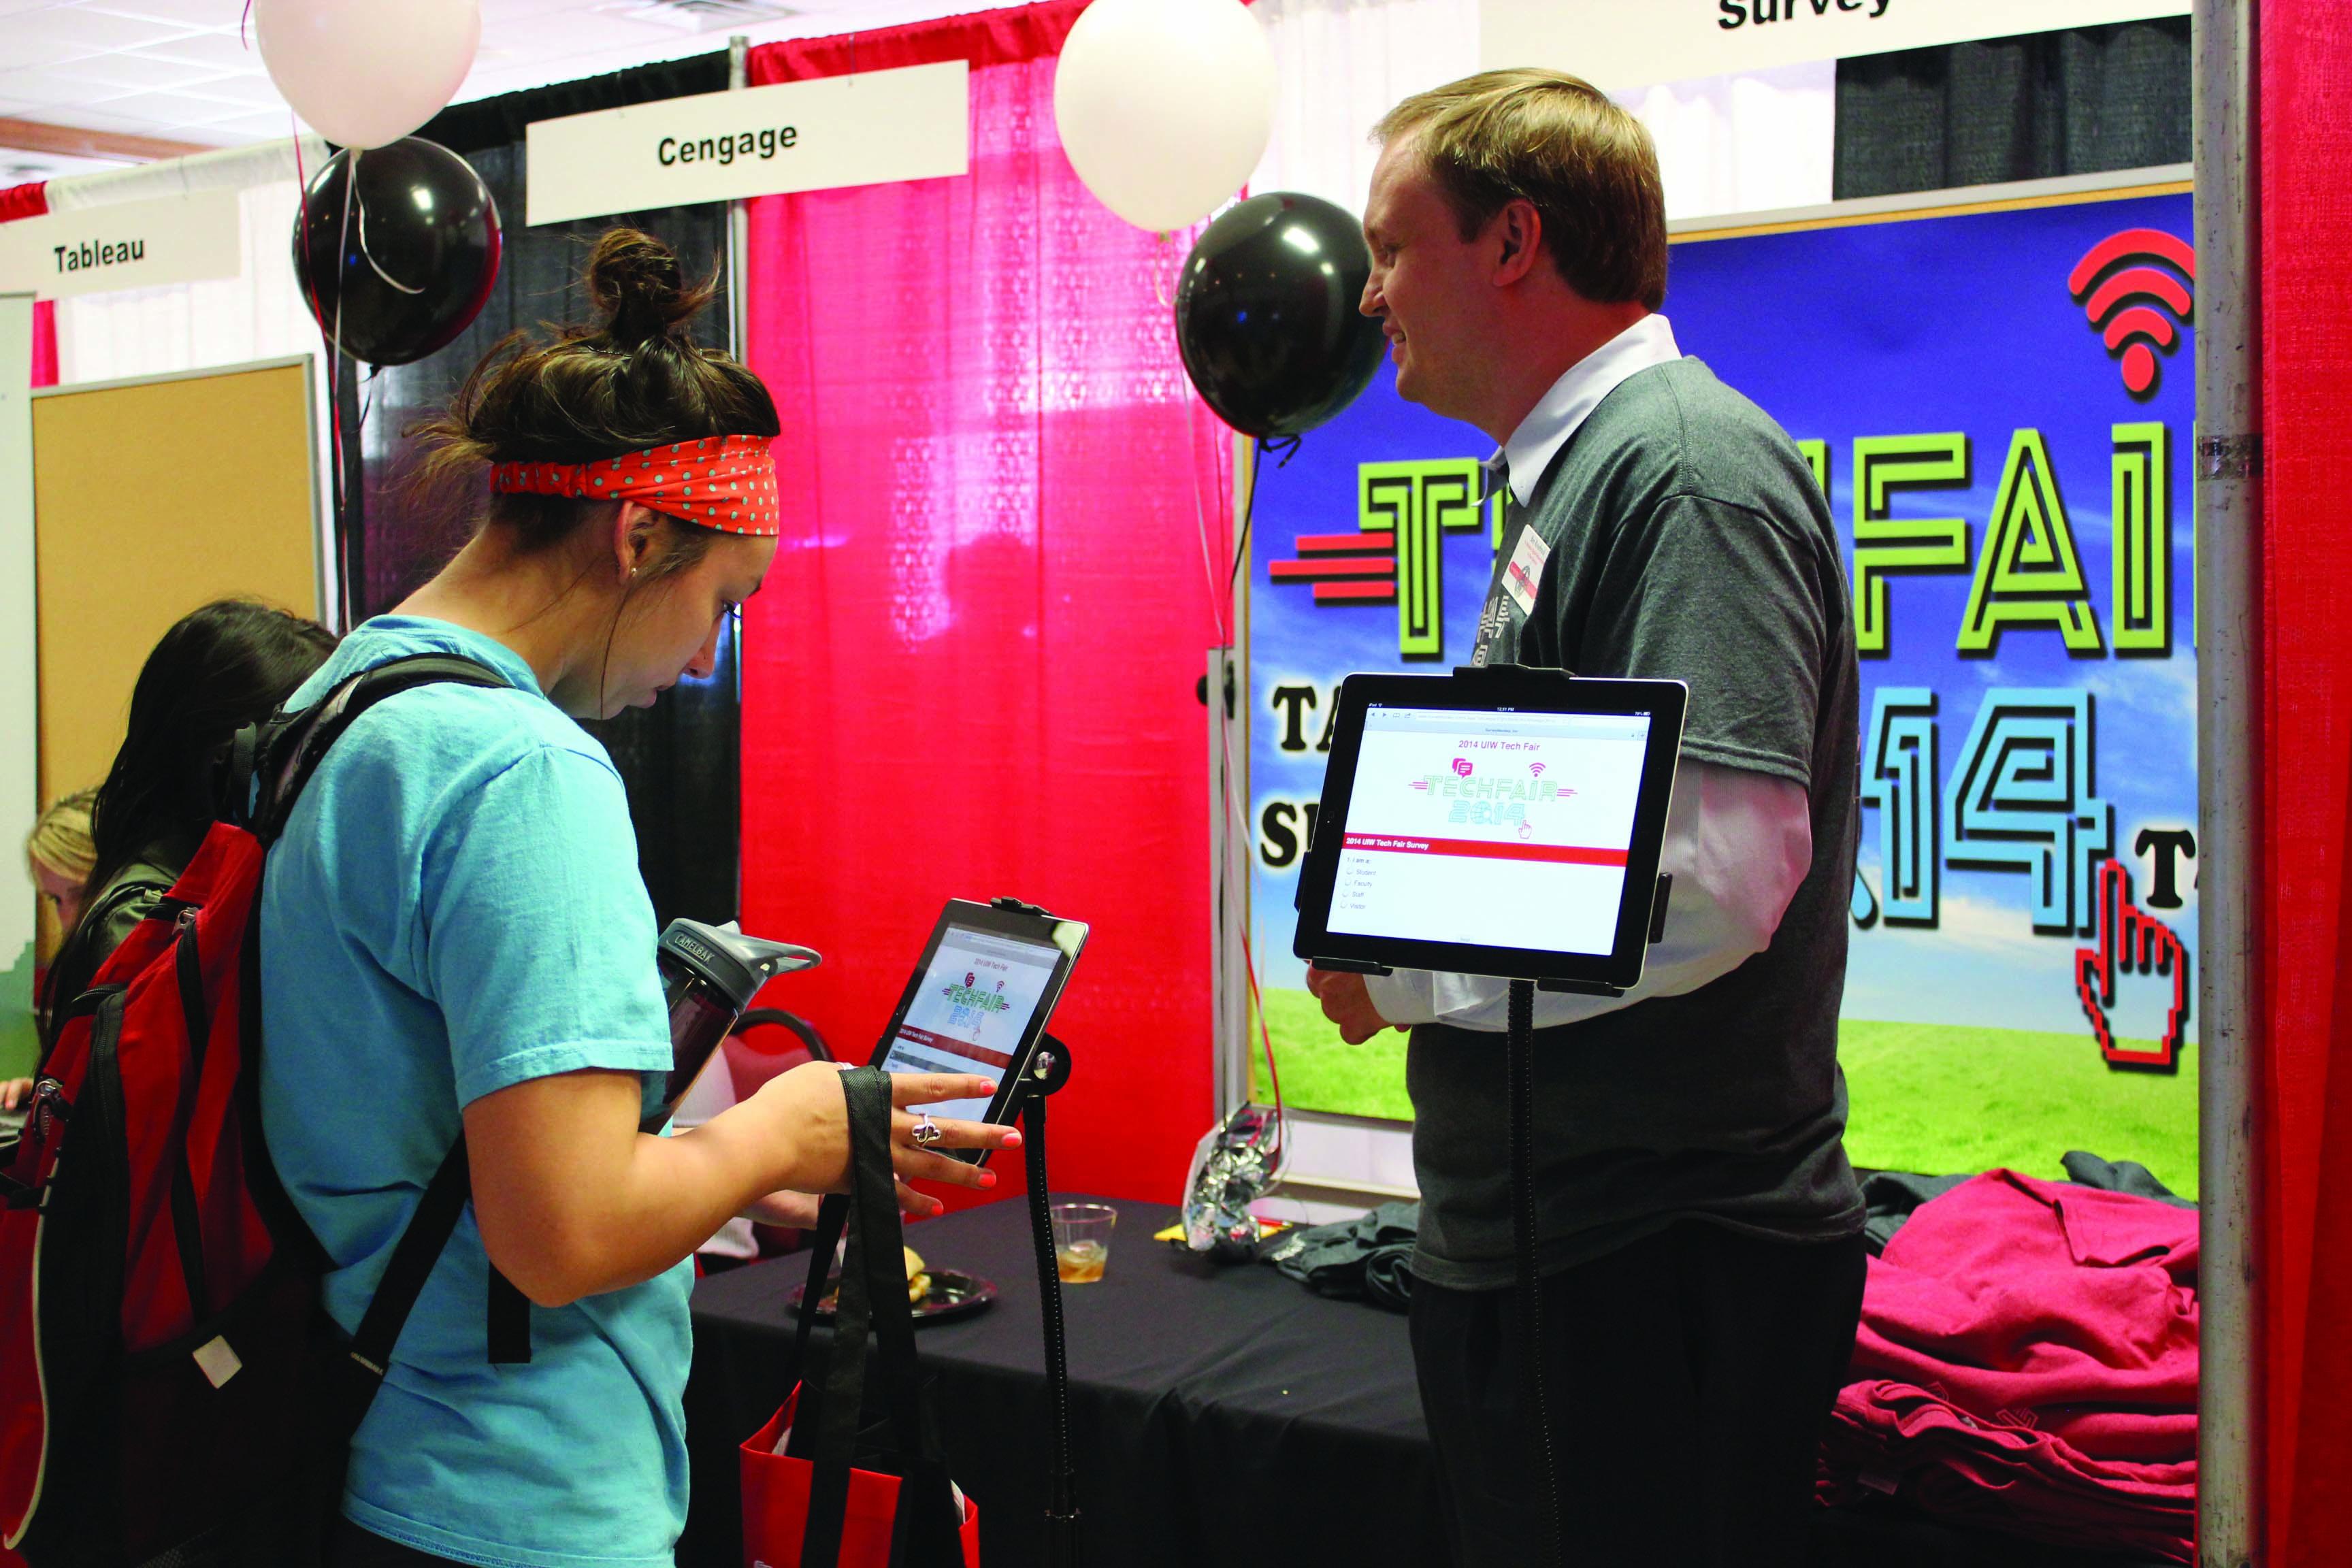 UIW hosts annual 2014 Tech Fair